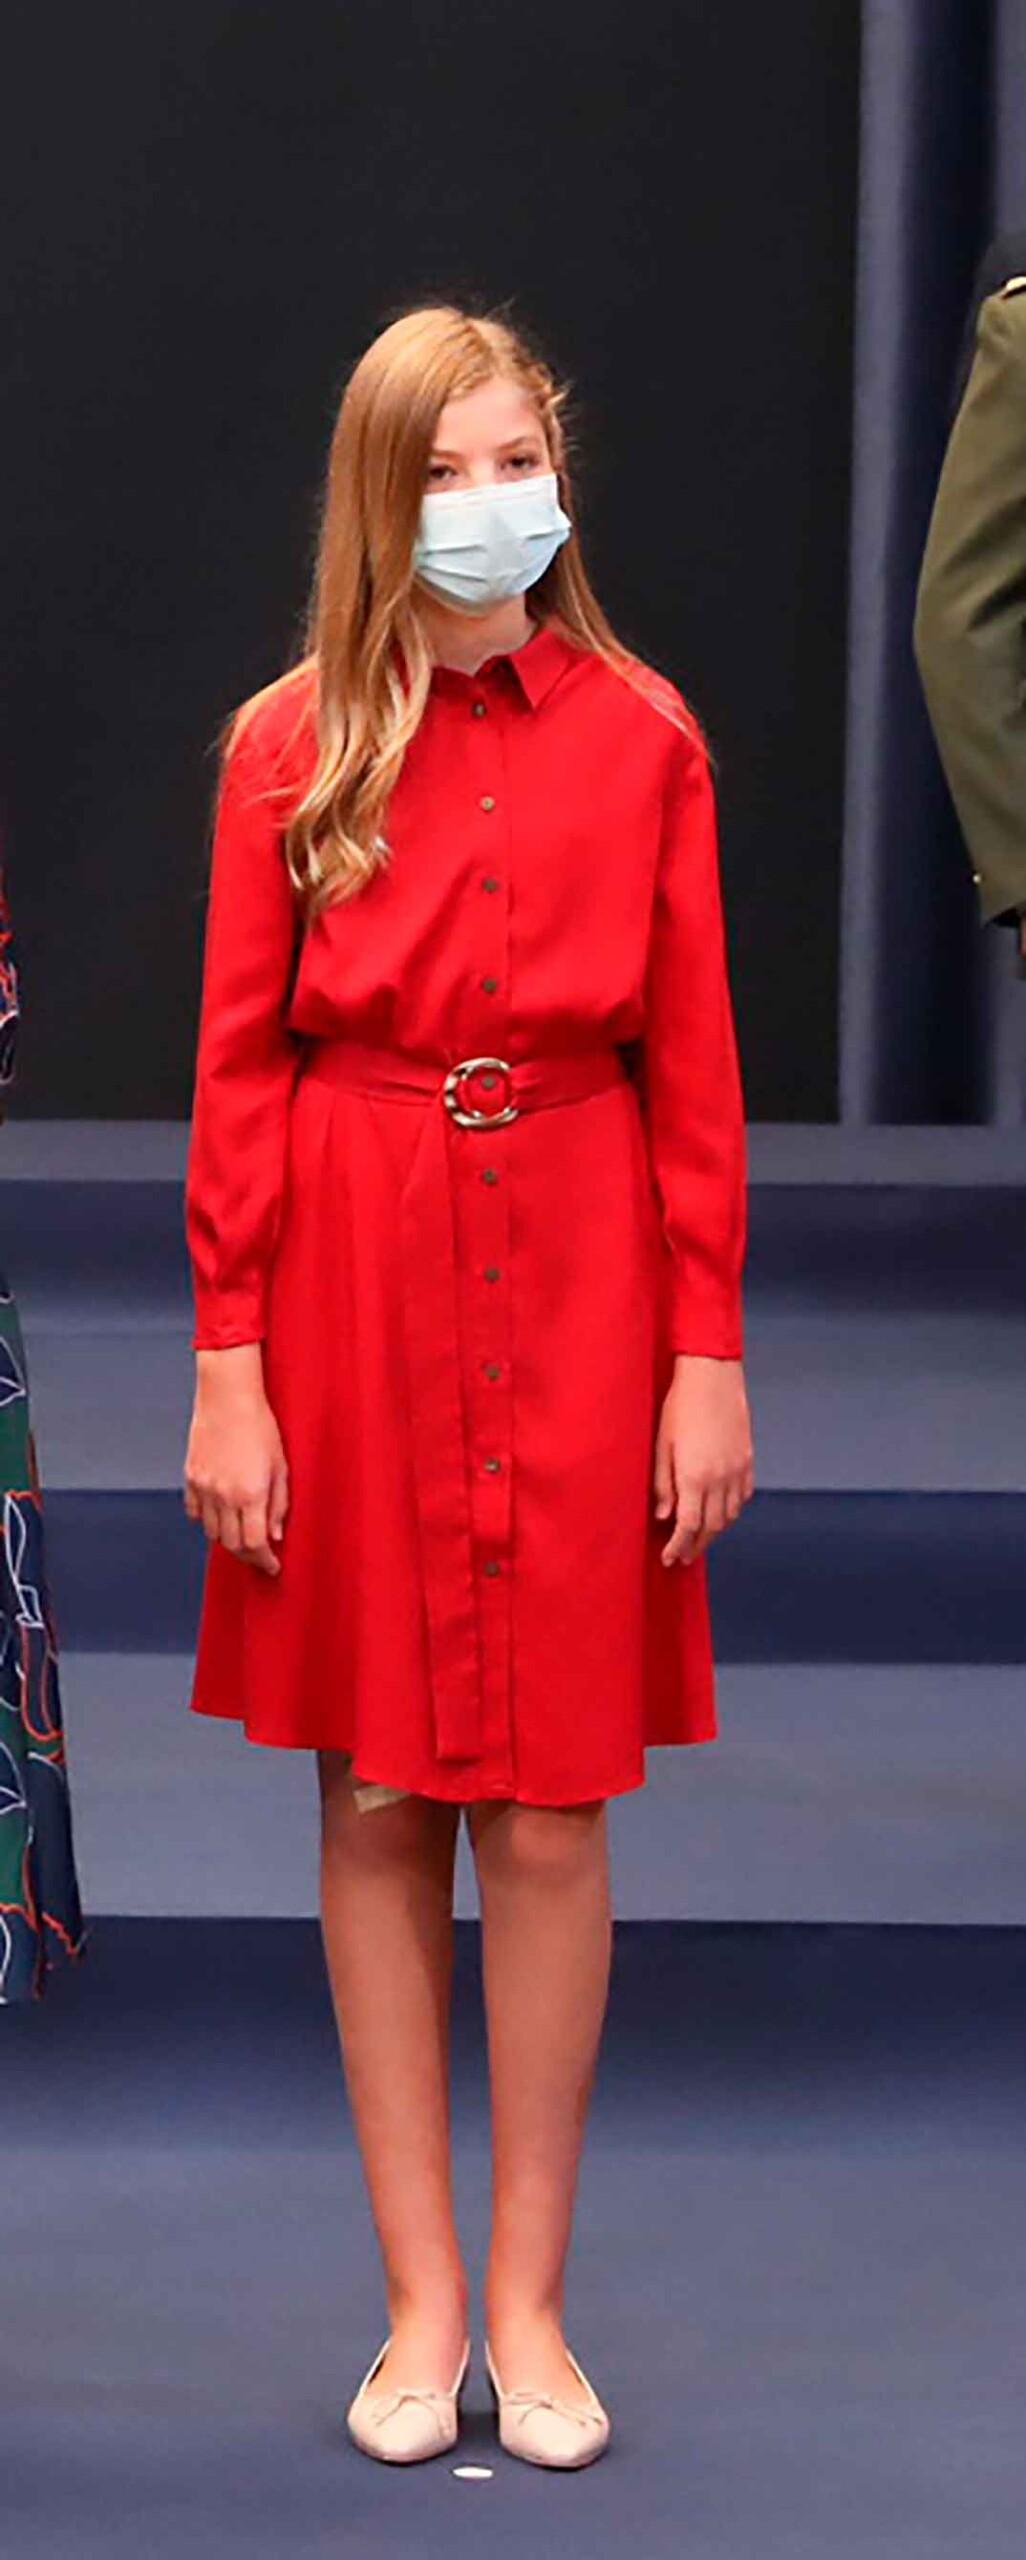 Infanta Sofía - Audiencia a los galardonados con los Premios Princesa de Asturias 2020 © Casa S.M. El Rey